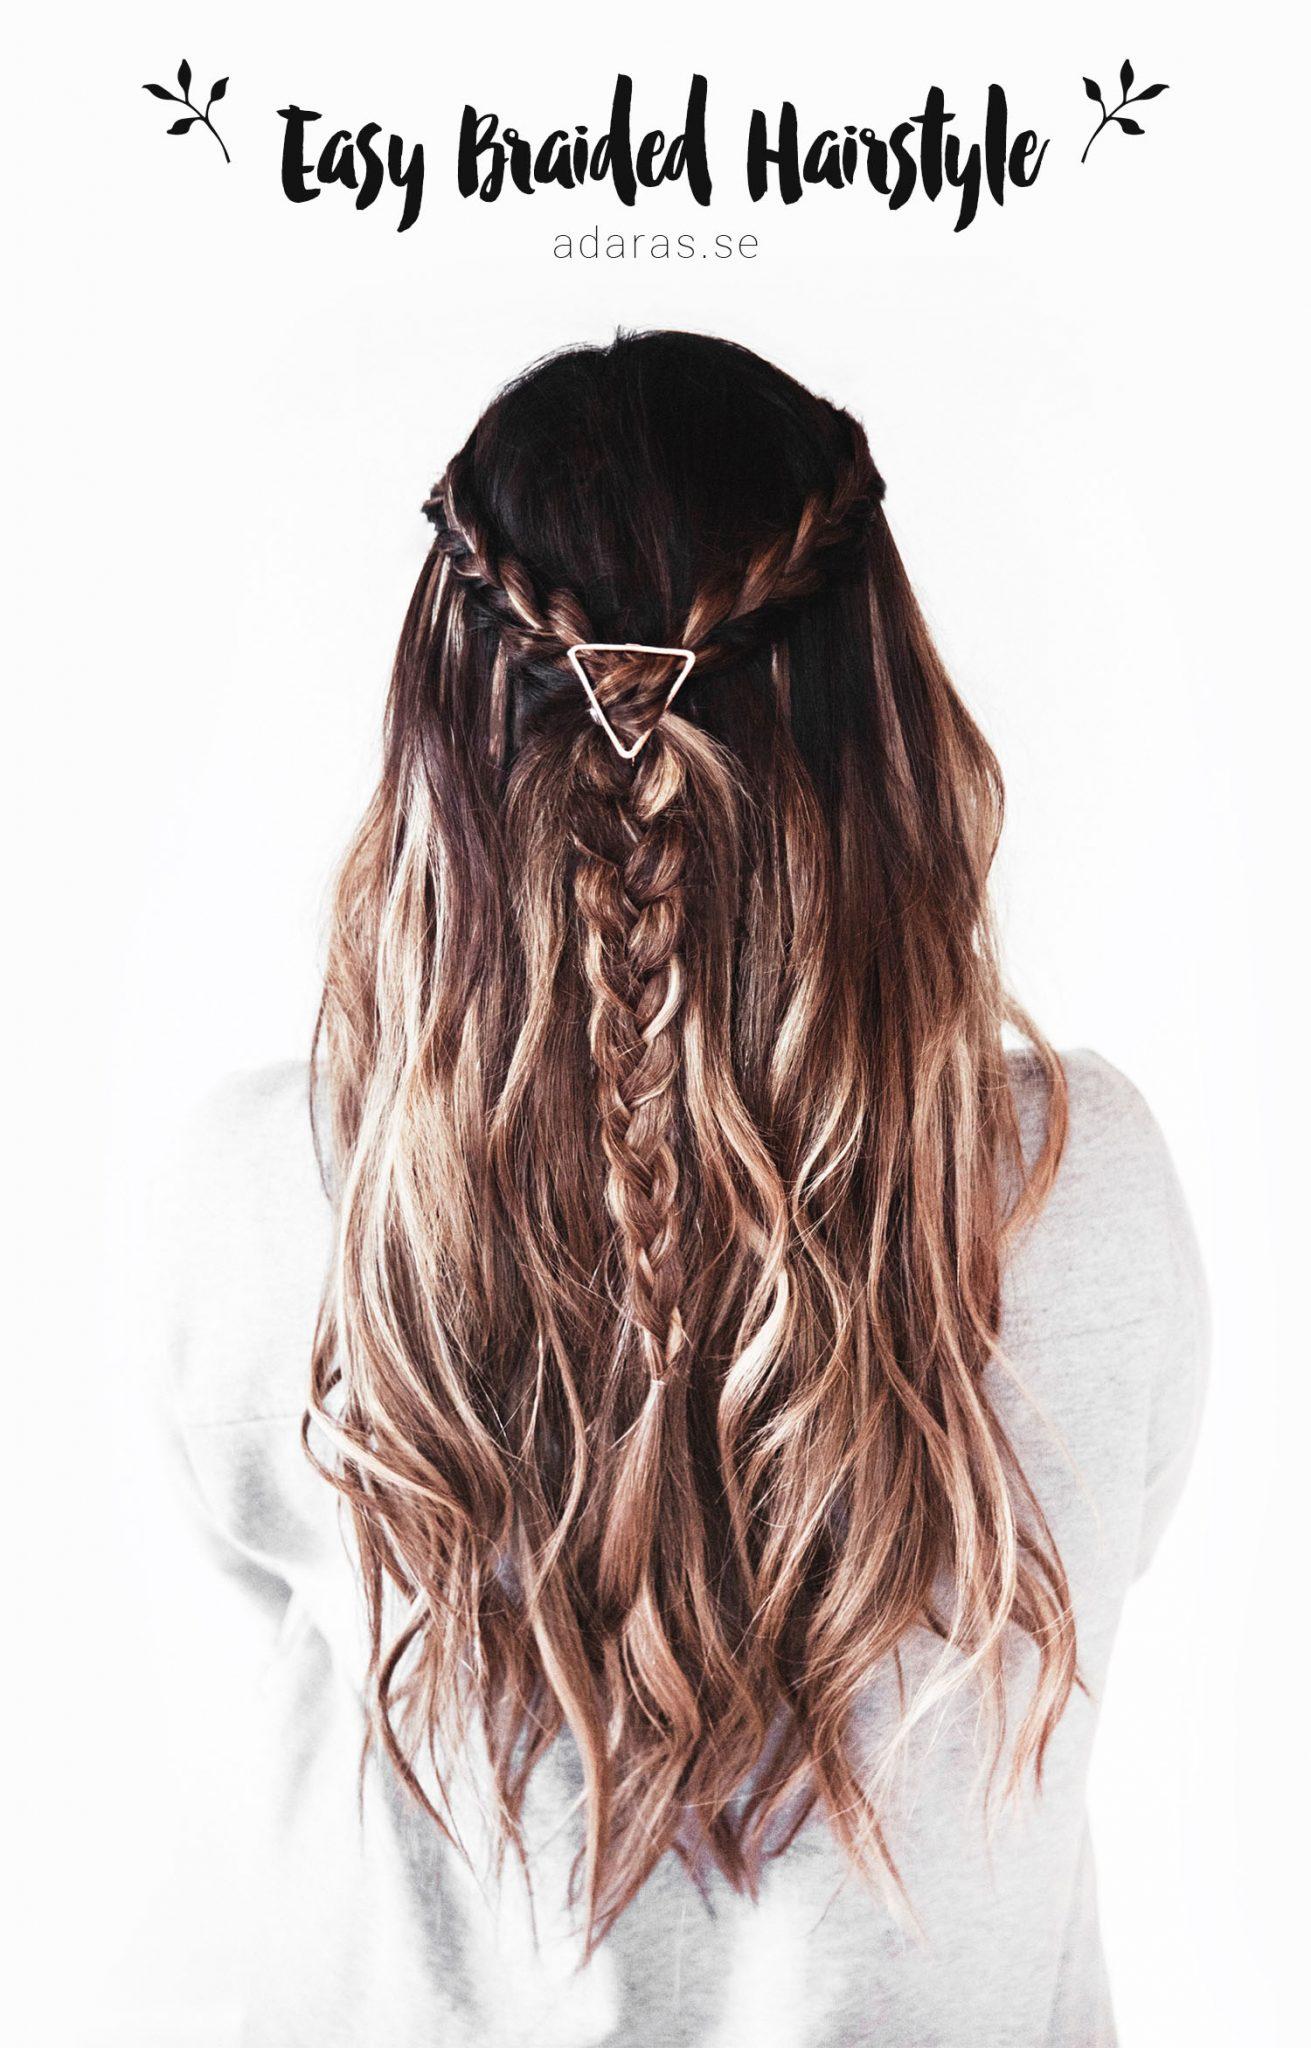 Easy Braided Hairstyle - Frisyrtips med 3 enkla flätor